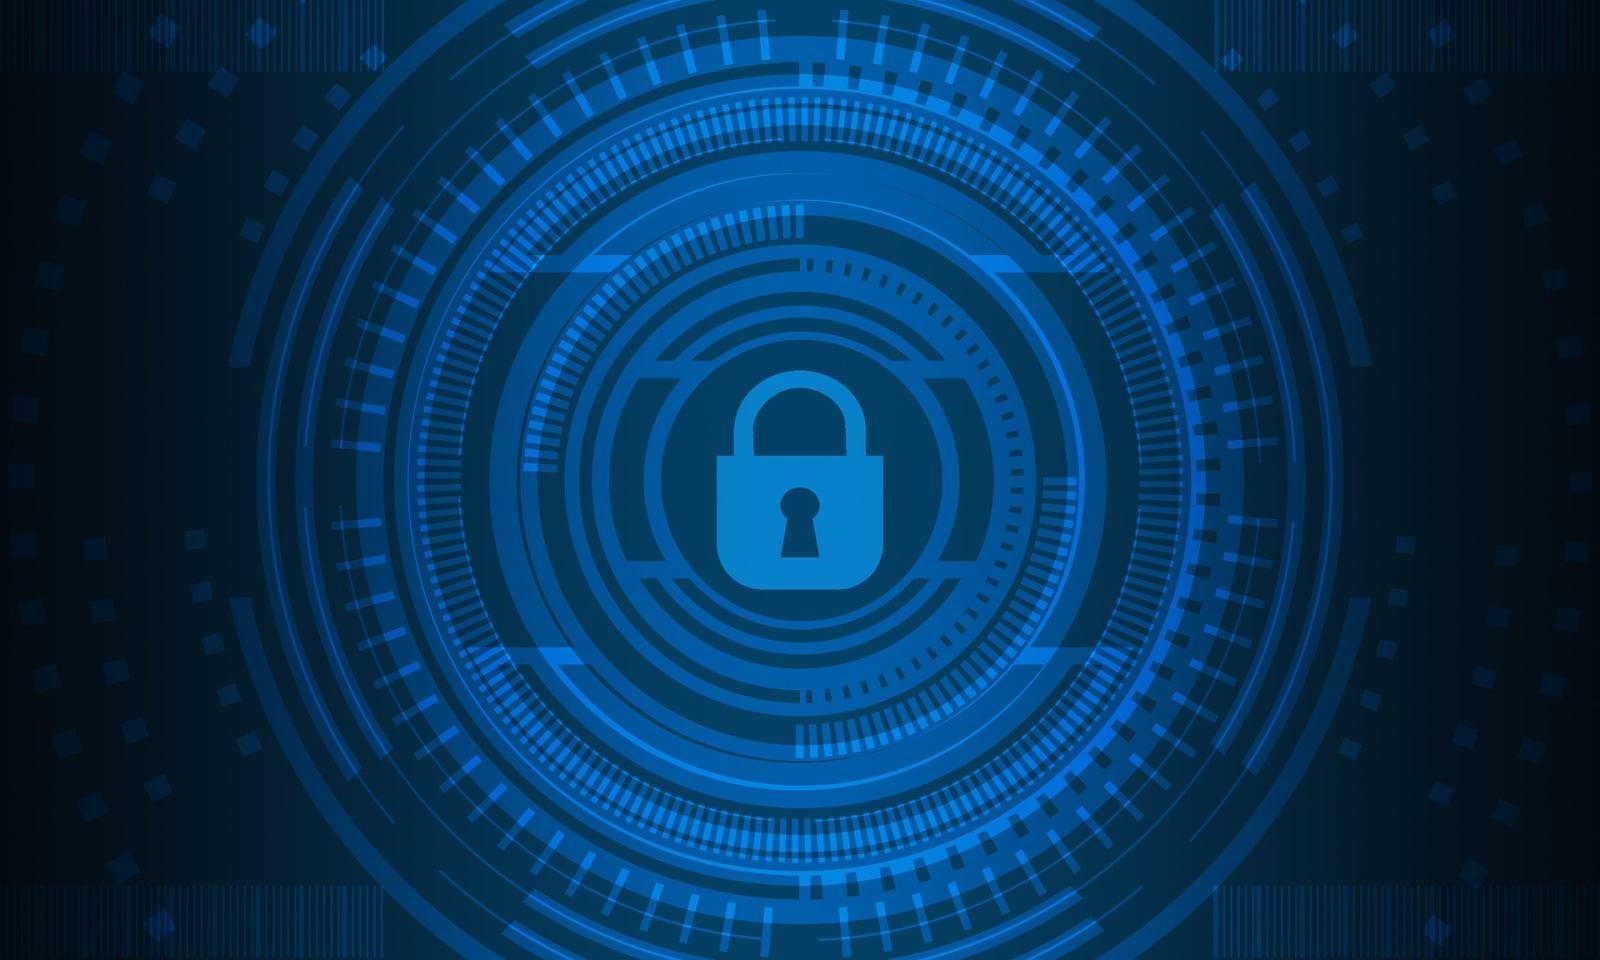 c44fb69caabb L'impatto della cybersecurity sull'economia e la democrazia del Paese: il  ruolo della ricerca scientifica